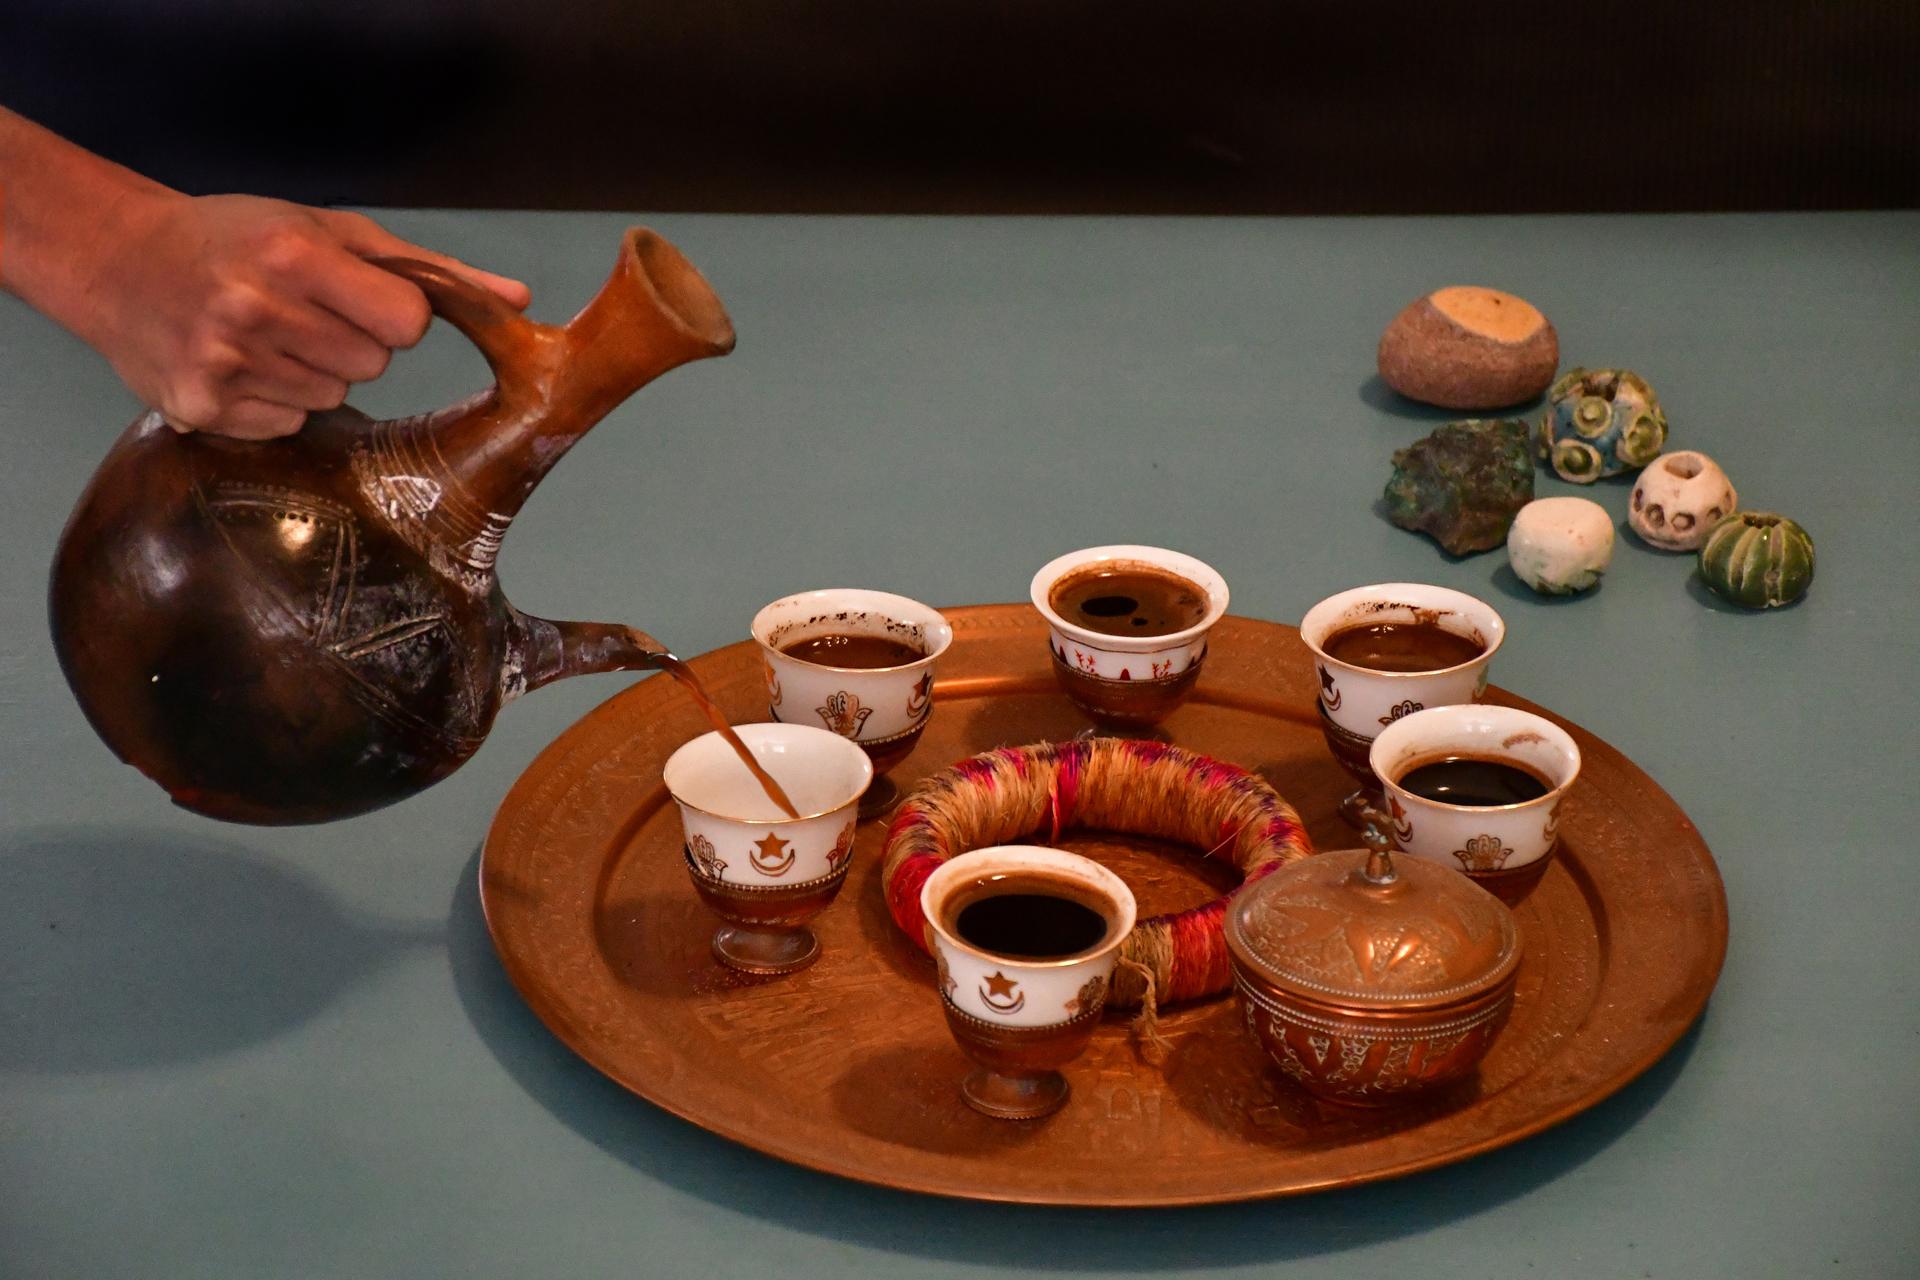 יואל שתרוג - אדמה יוצרת - yoel sitruk - קפה אתיופי - בונה- קפה זו השקפת עולם